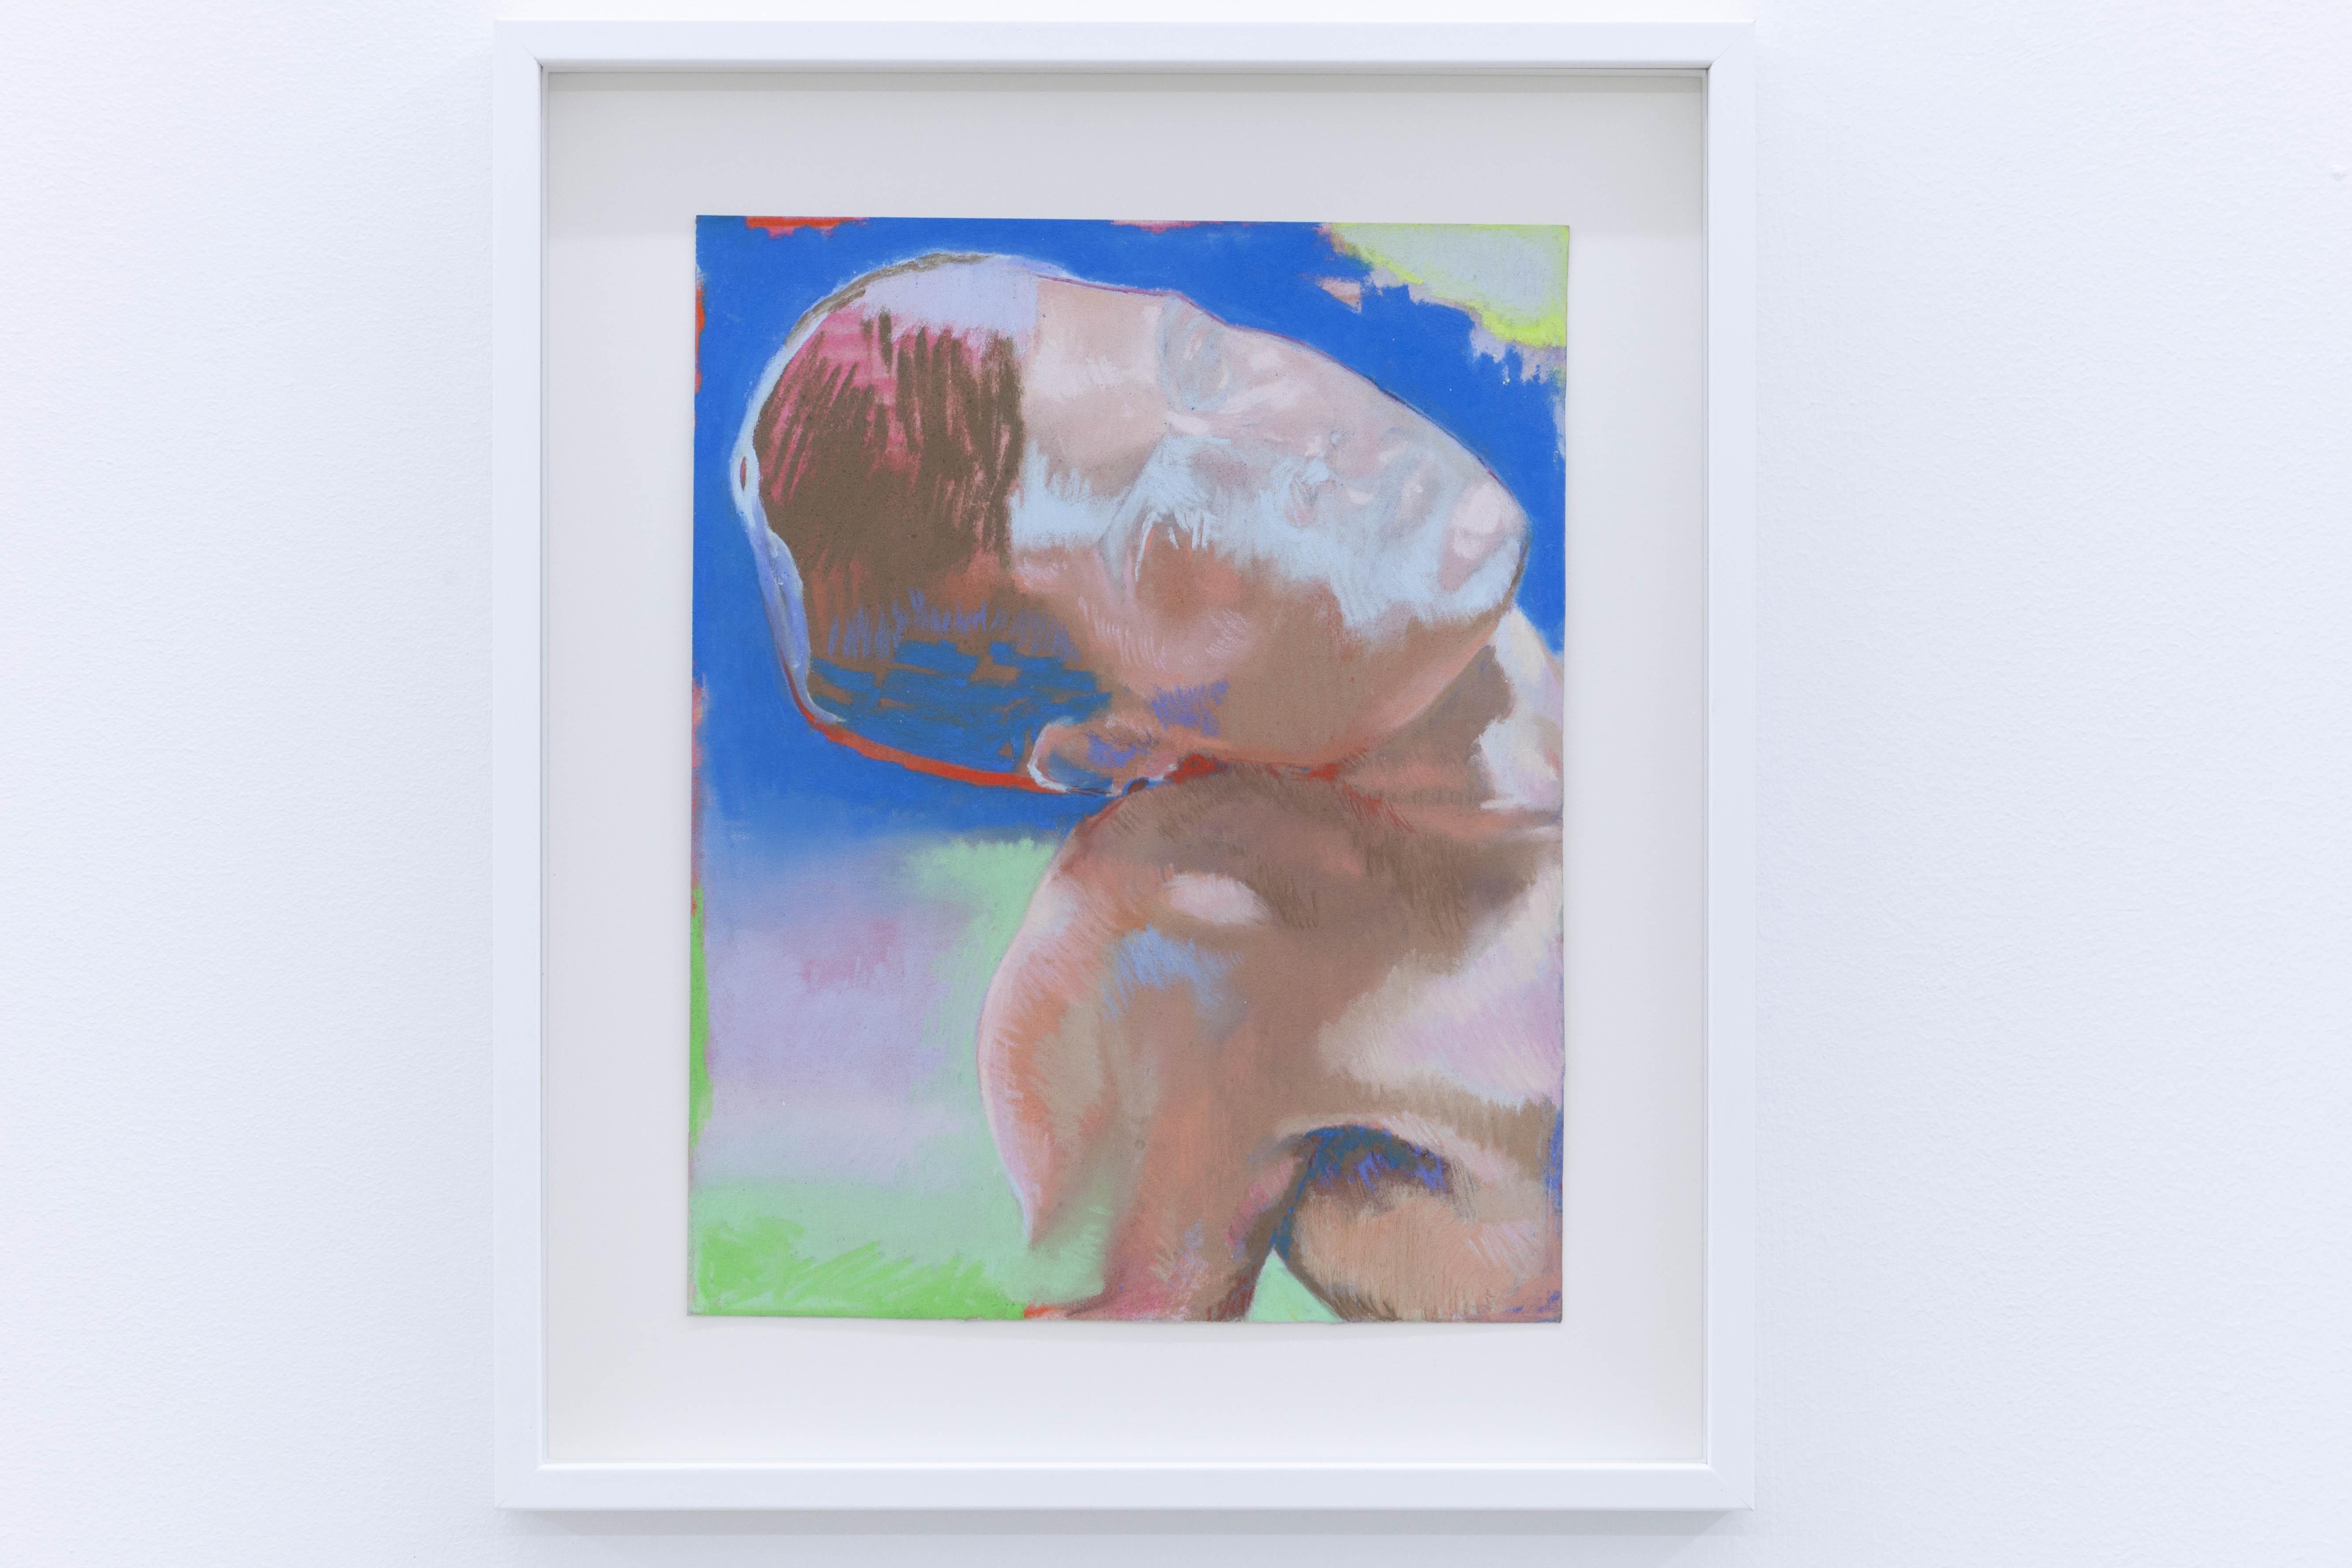 Portrait au soleil gris, 2020, pastel sec sur papier, 24 x 19 cm_photo Julie Coulon_web_2